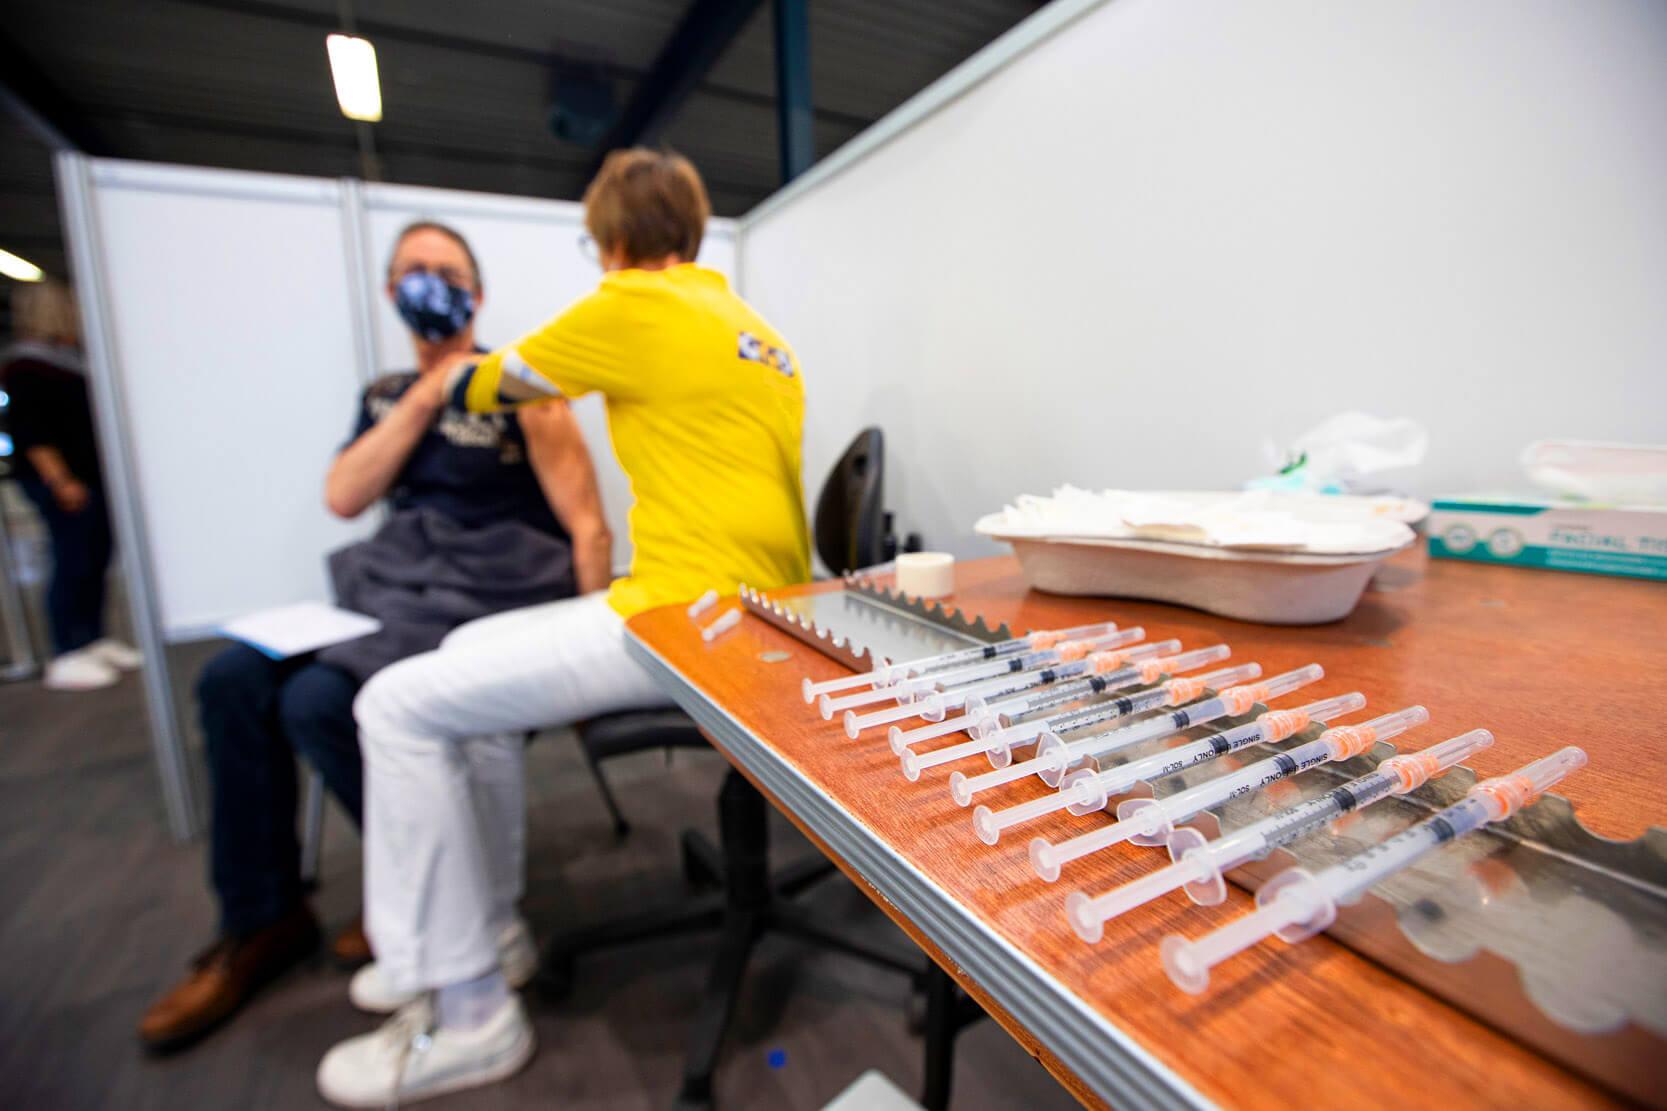 Hollanda Geçici Göçmen İşçileri Aşılamıyor